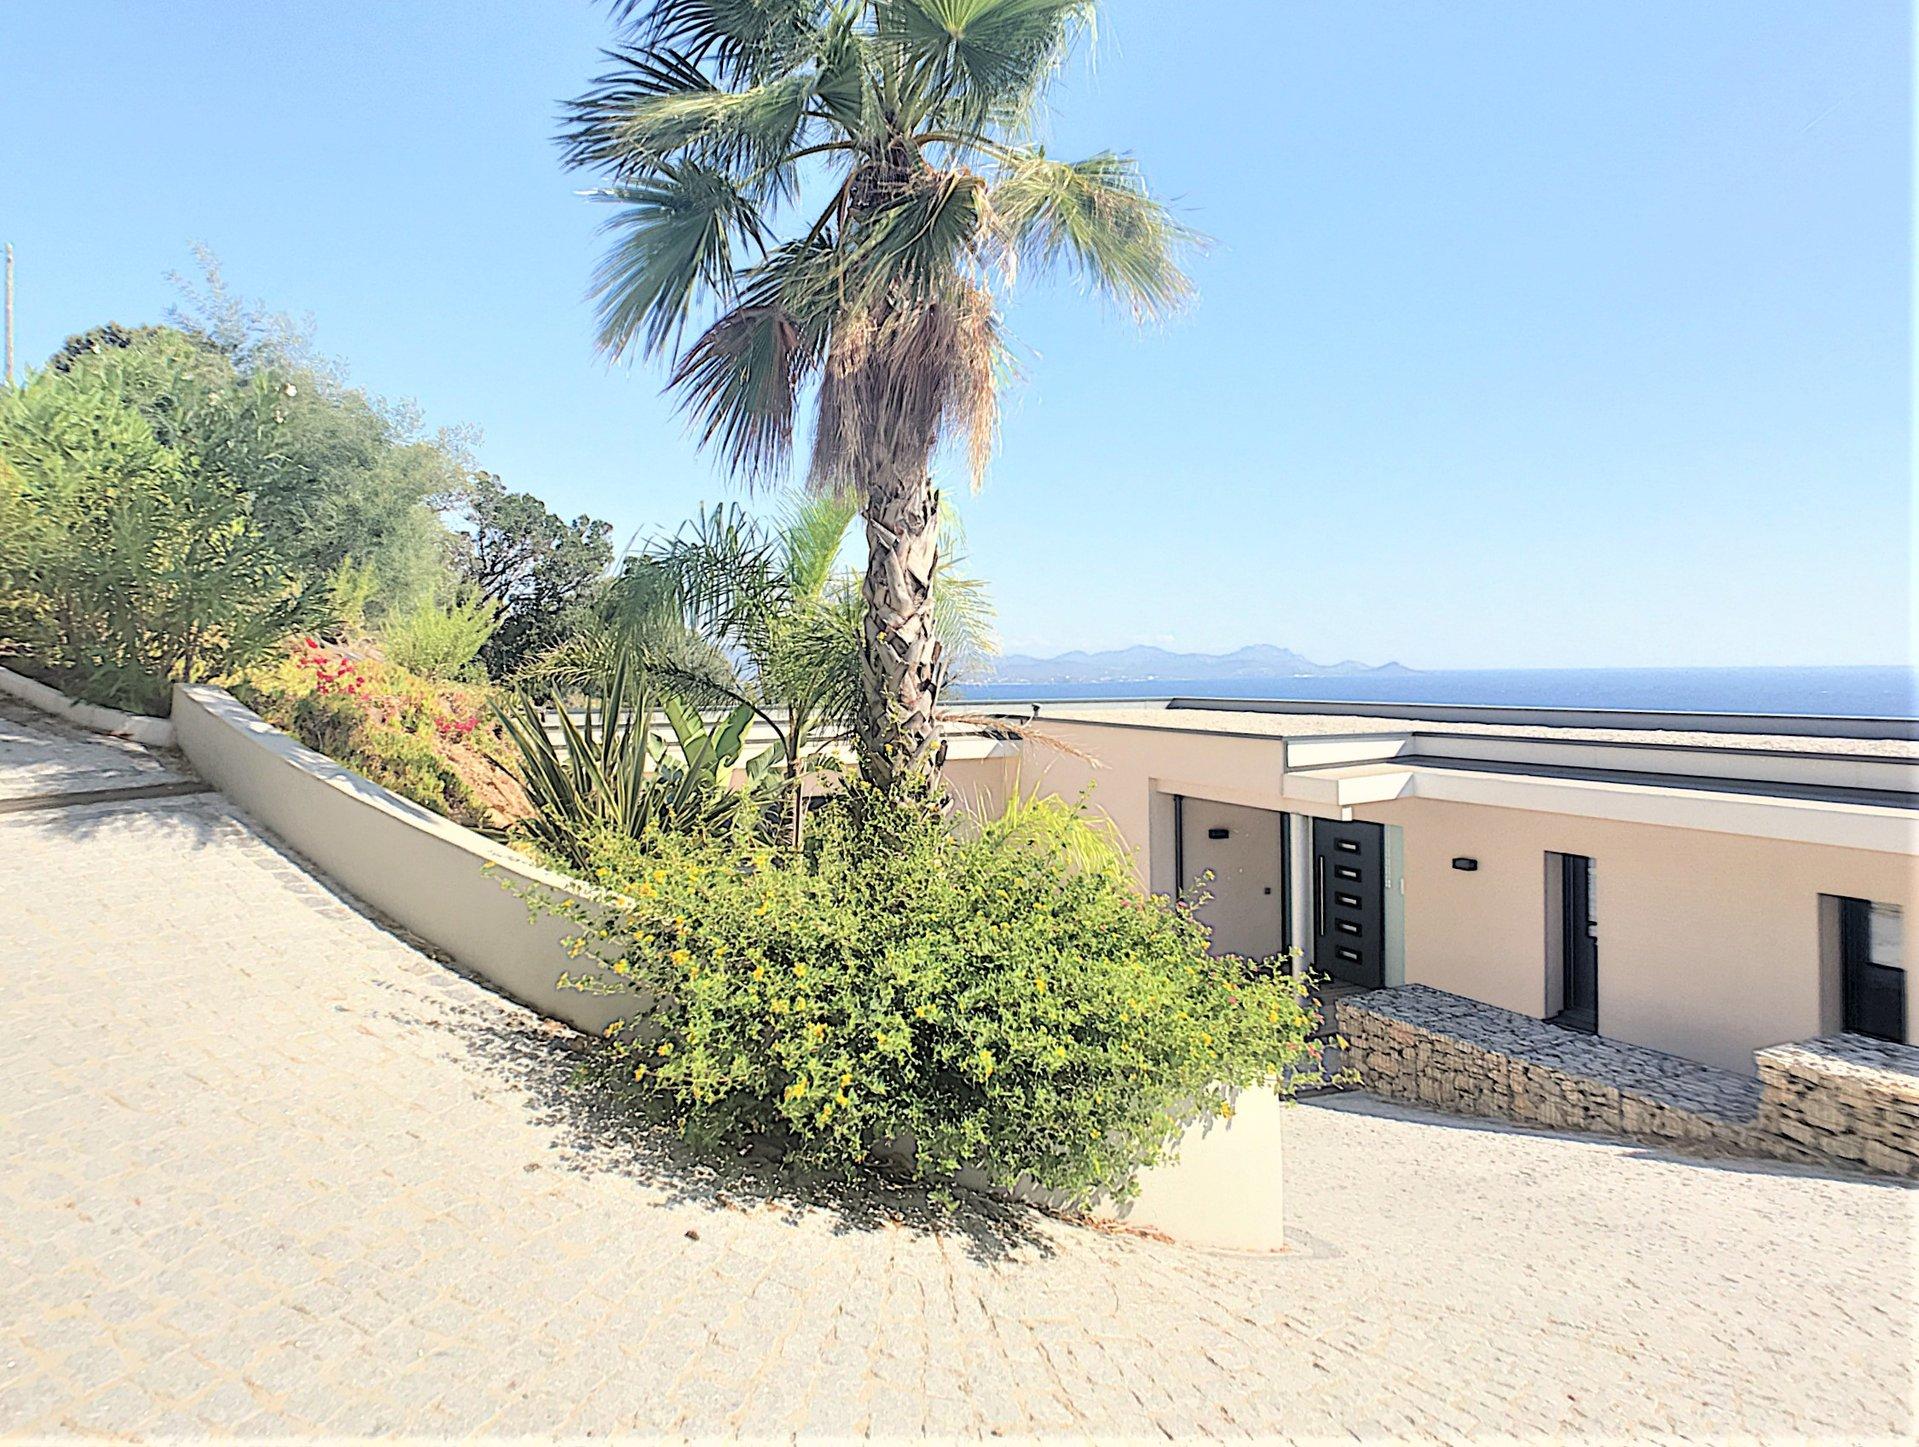 Verkoop Villa - Les Issambres